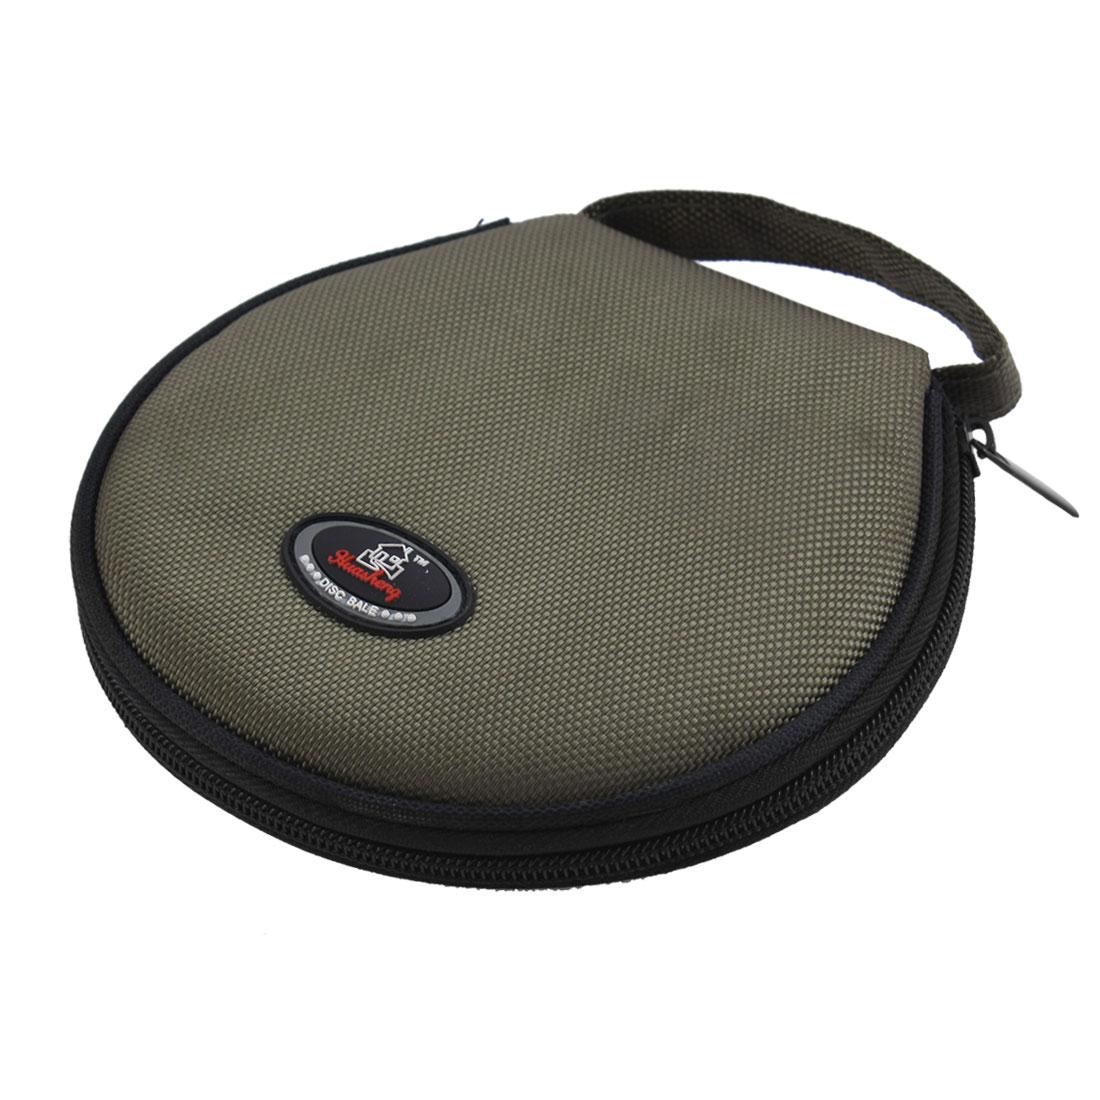 Uxcell круглые металлические молнии 20 Карманы DVD CD держатель для хранения сумка|cd